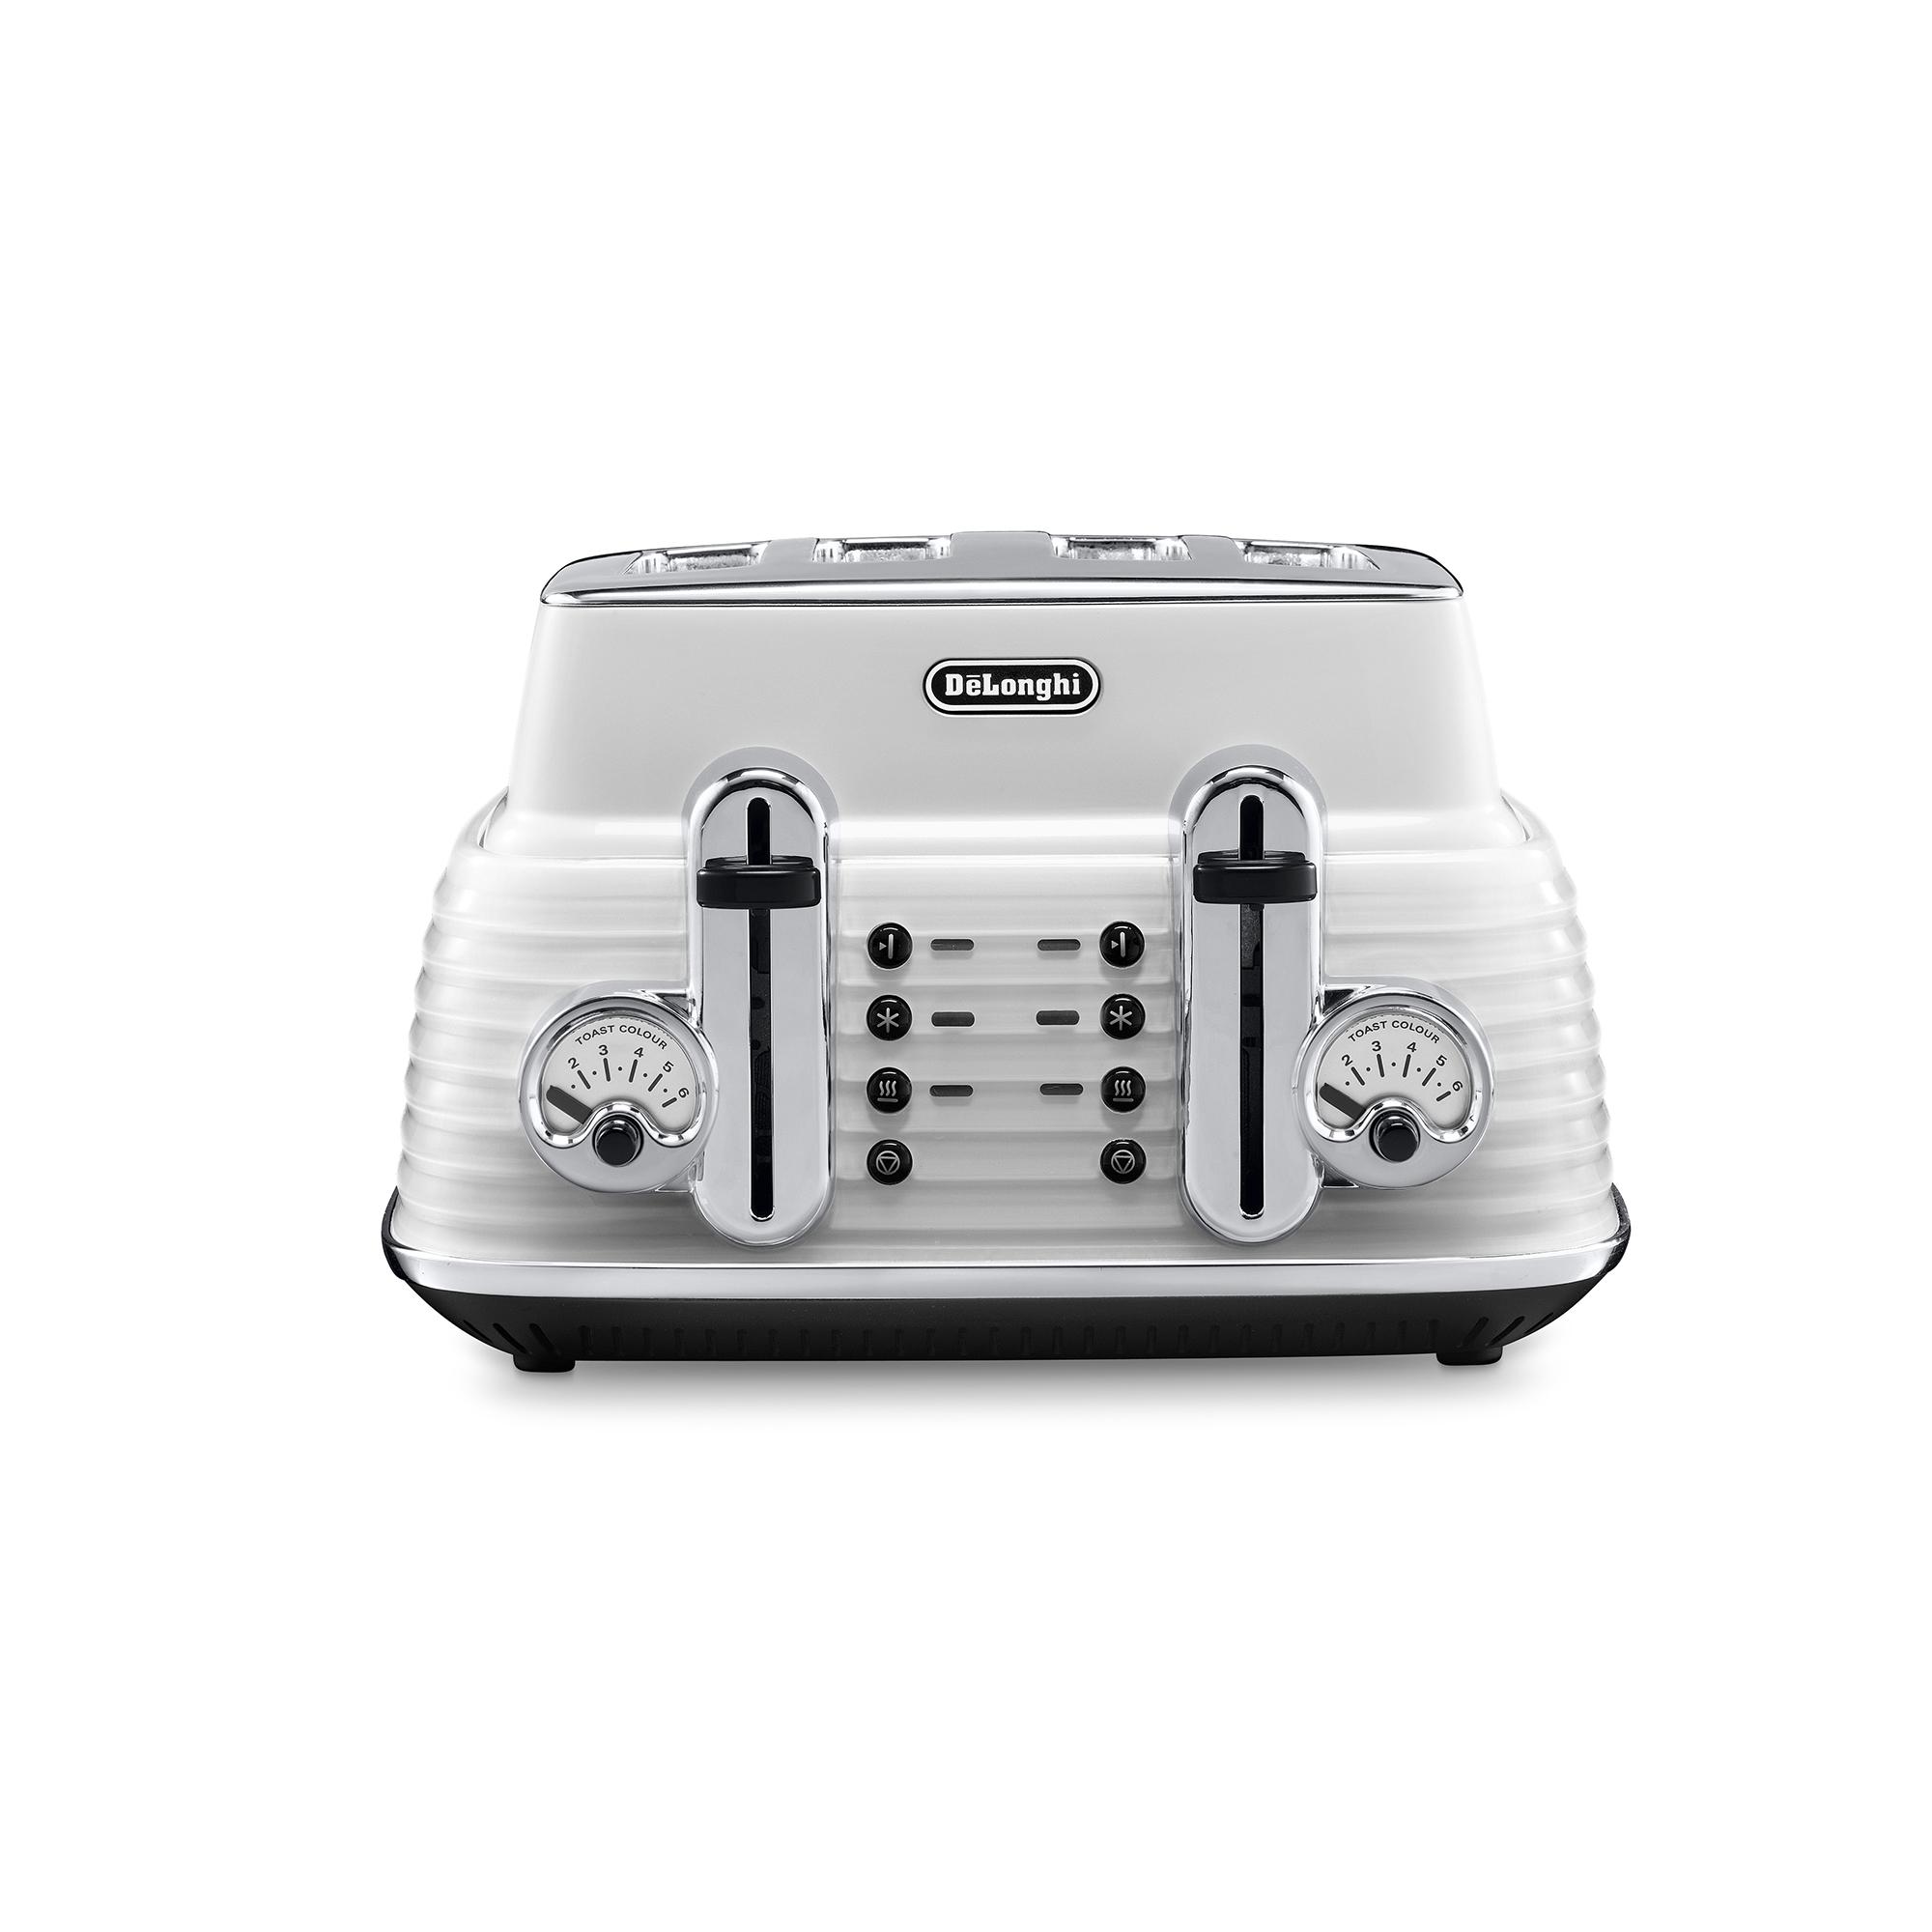 De'Longhi Scultura 4 Slice Toaster CTZ4003.W - White